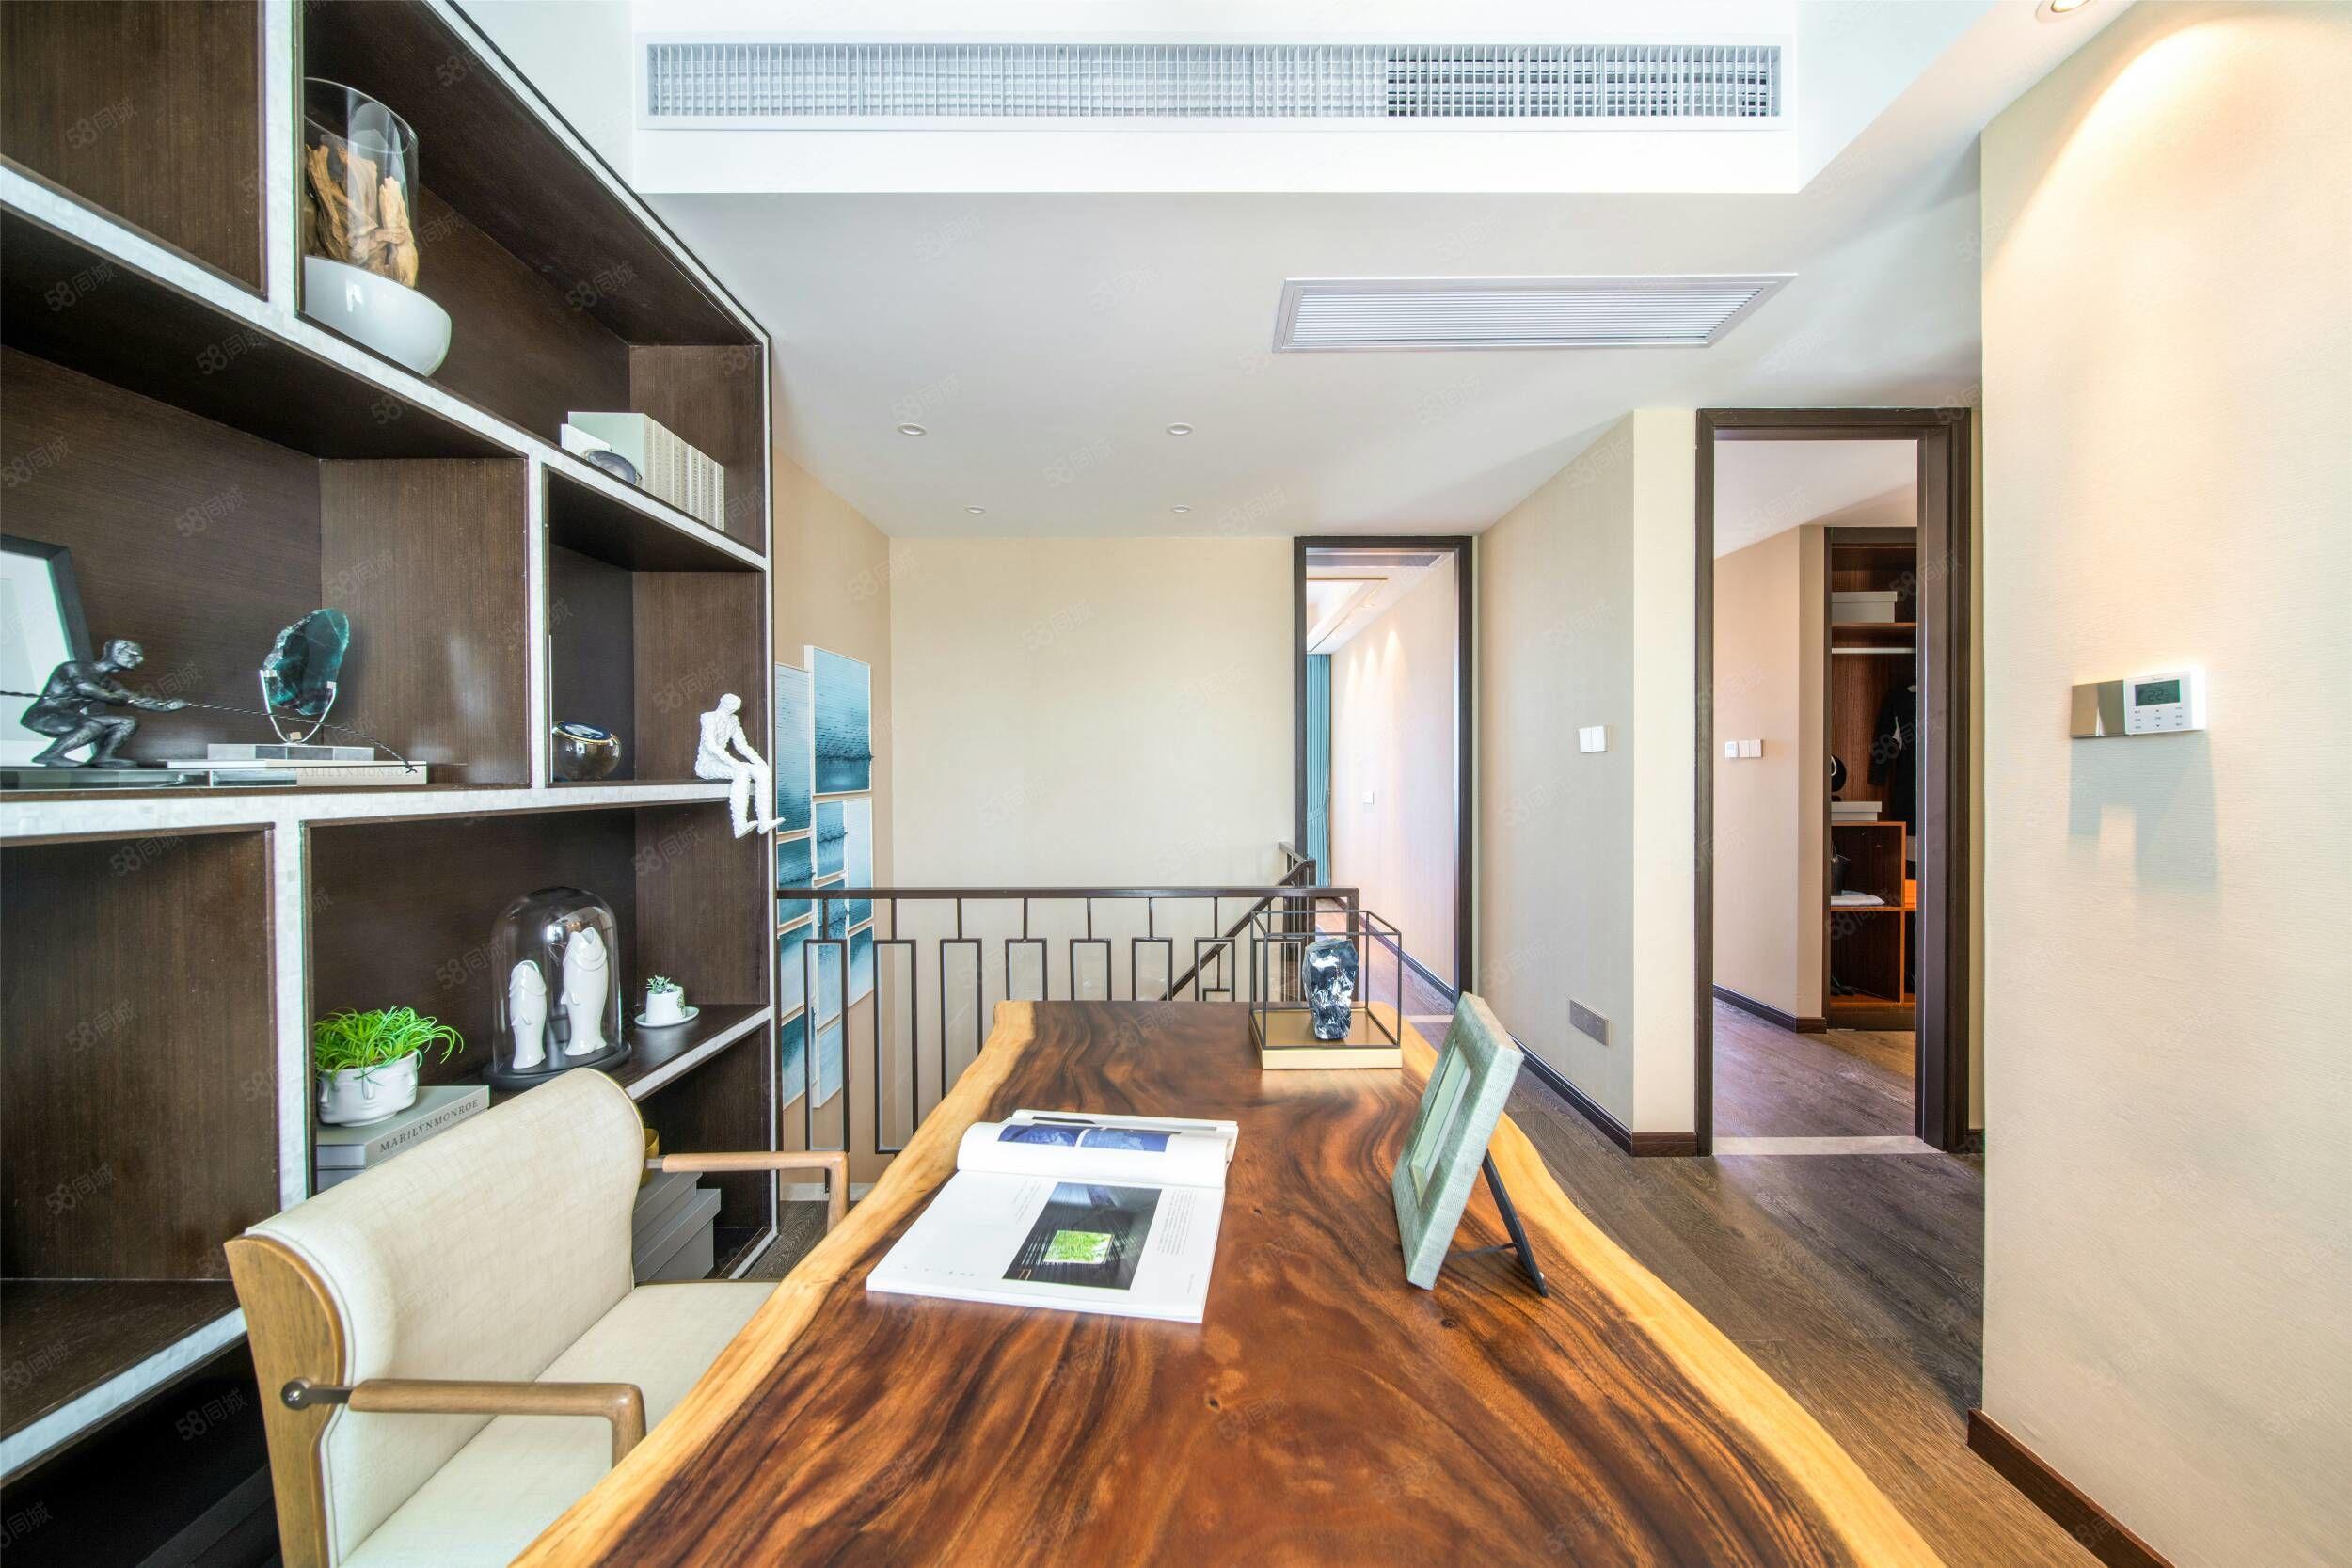 泰禾厦门湾一线海景公寓,商住两用,不限购,方正阳台带泡池